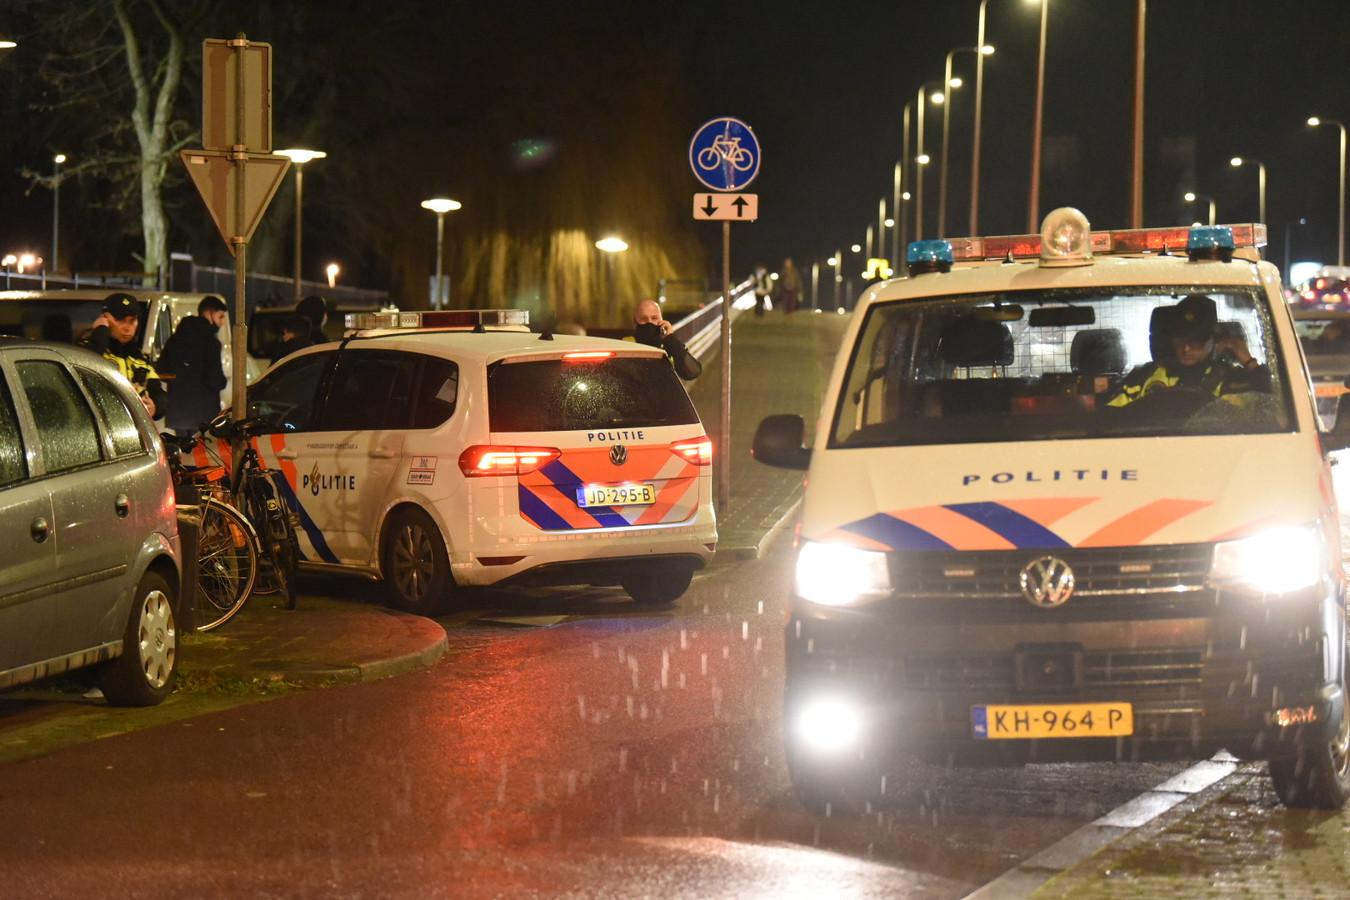 Na rellen eerder in het land werd maandagavond ook op meerdere plekken in Utrecht opgeroepen tot onrust. Onder andere bij speeltuin Klokkenveld aan de Marnixlaan werd opgeroepen tot rellen. De politie is aanwezig en controleert groepjes jongeren.